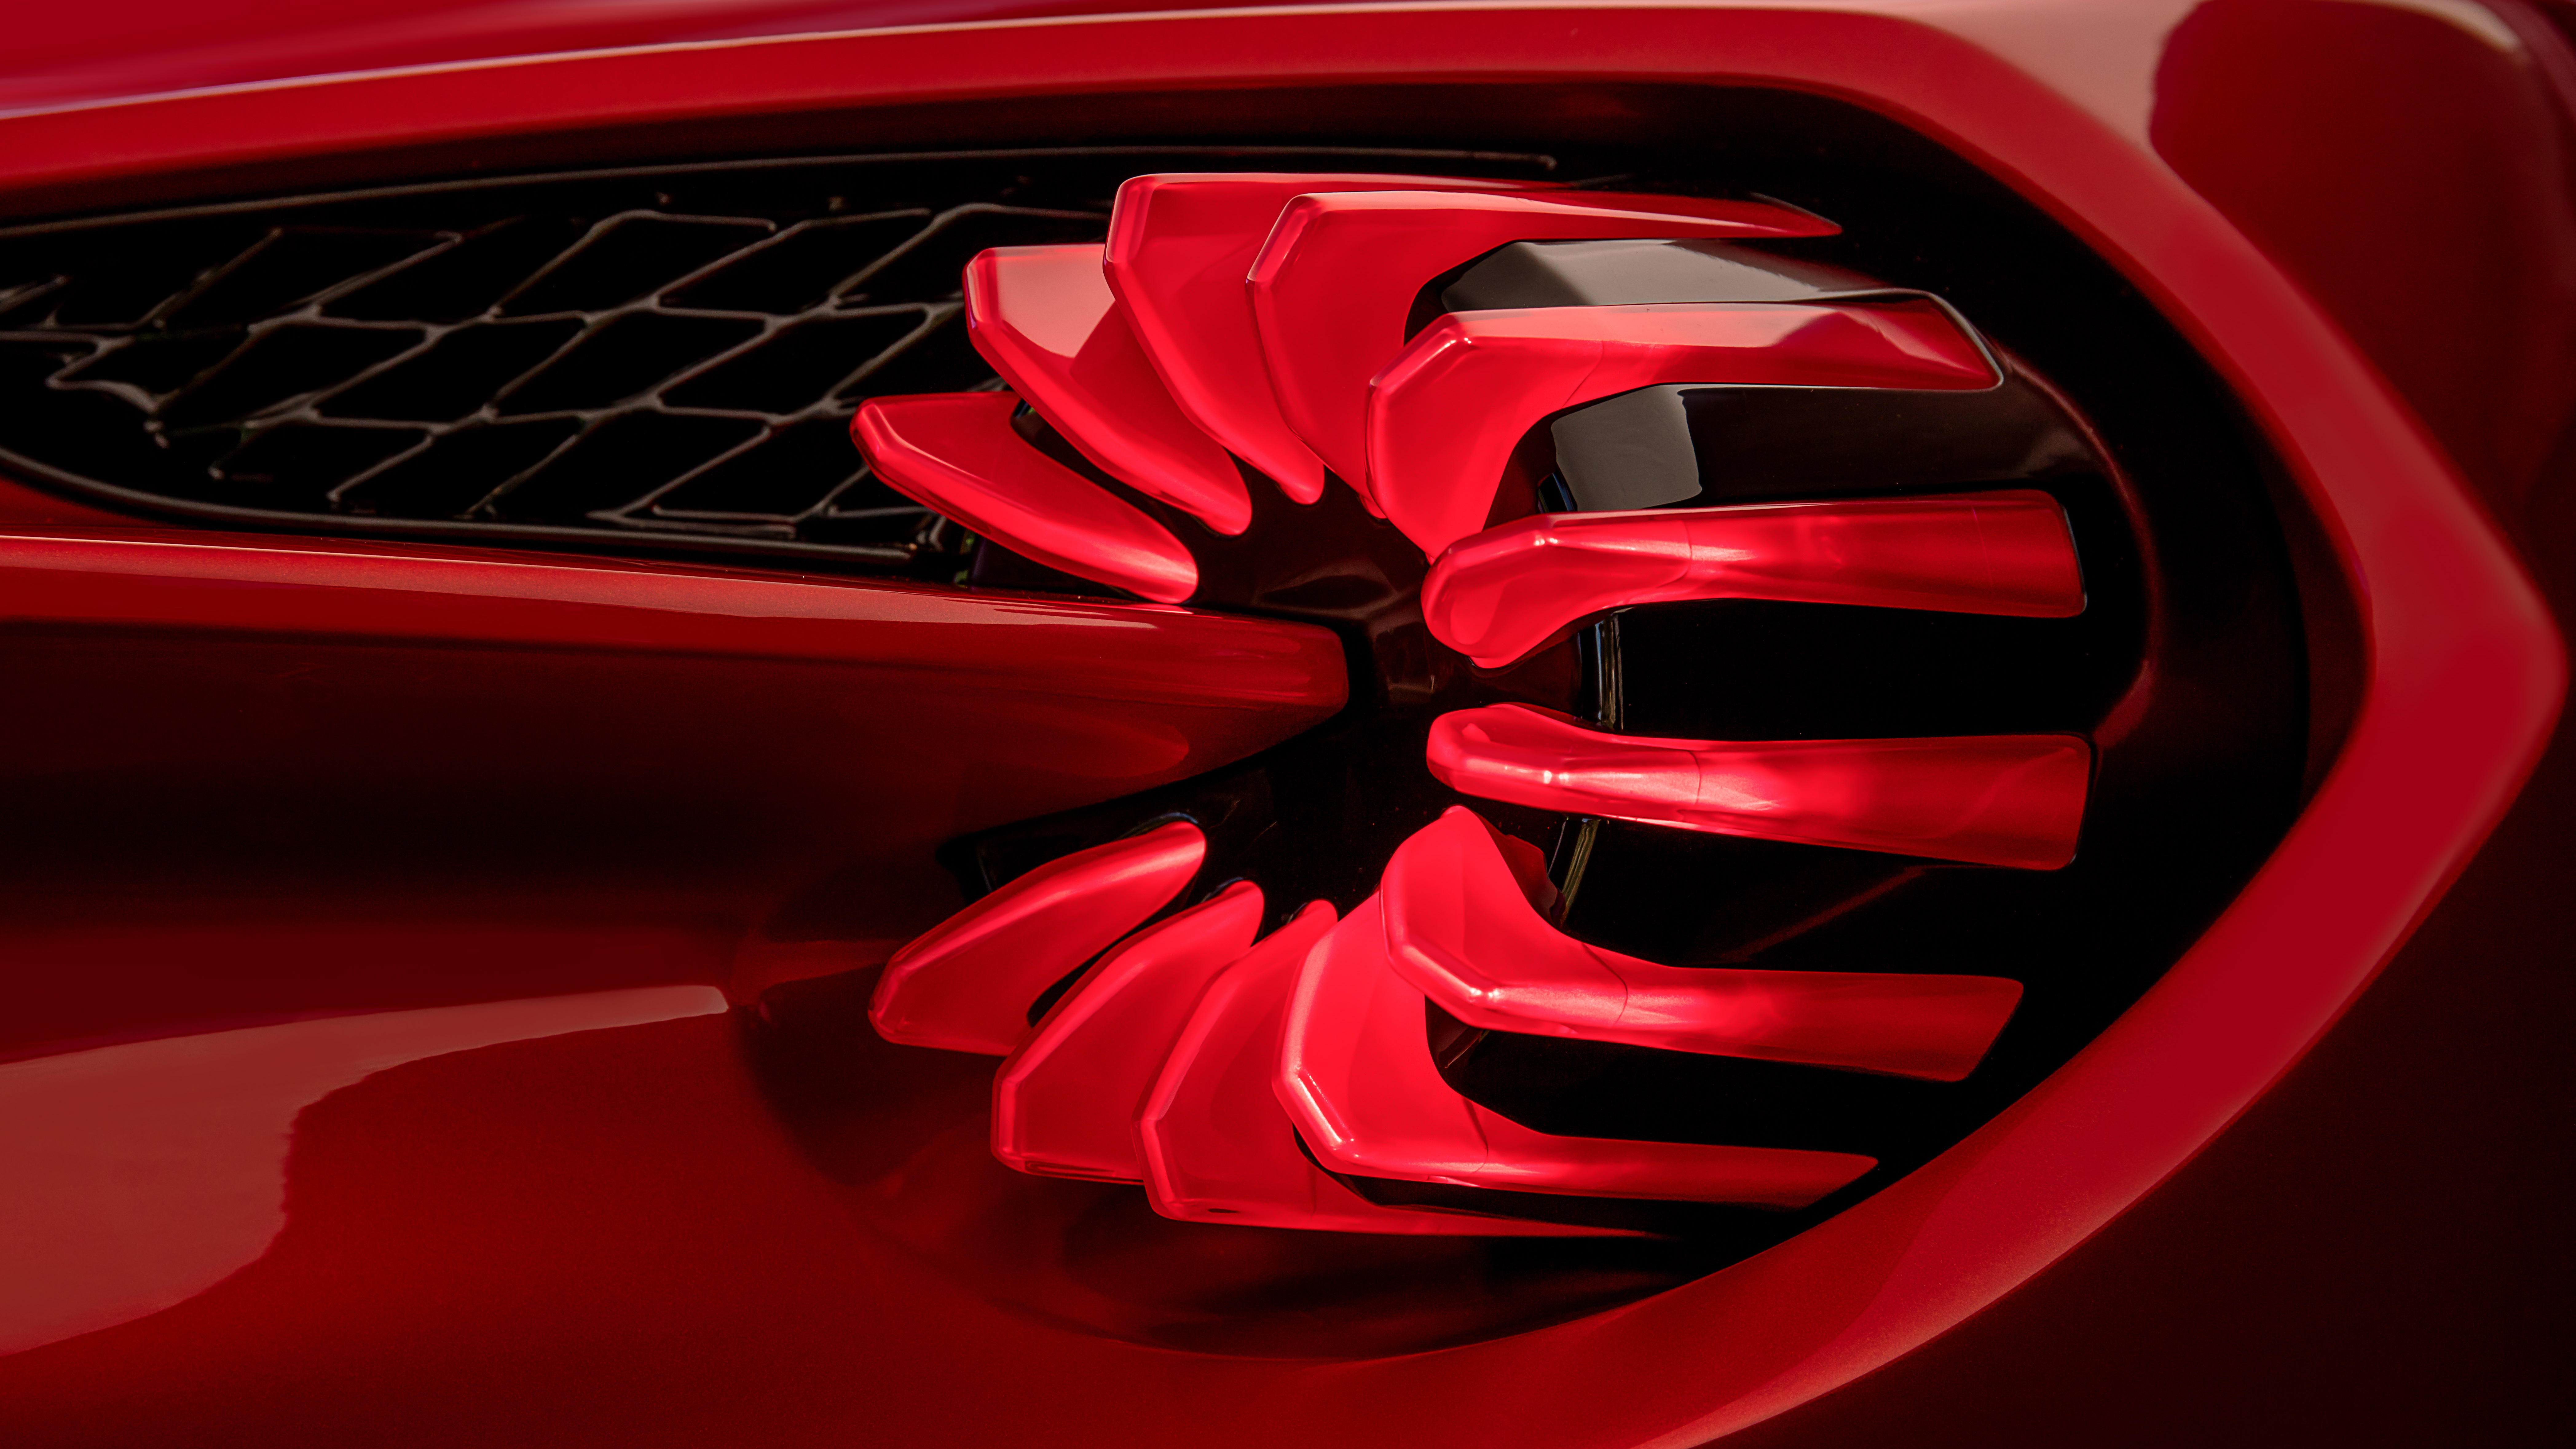 The Aston Martin Vanquish Zagato Lives Top Gear